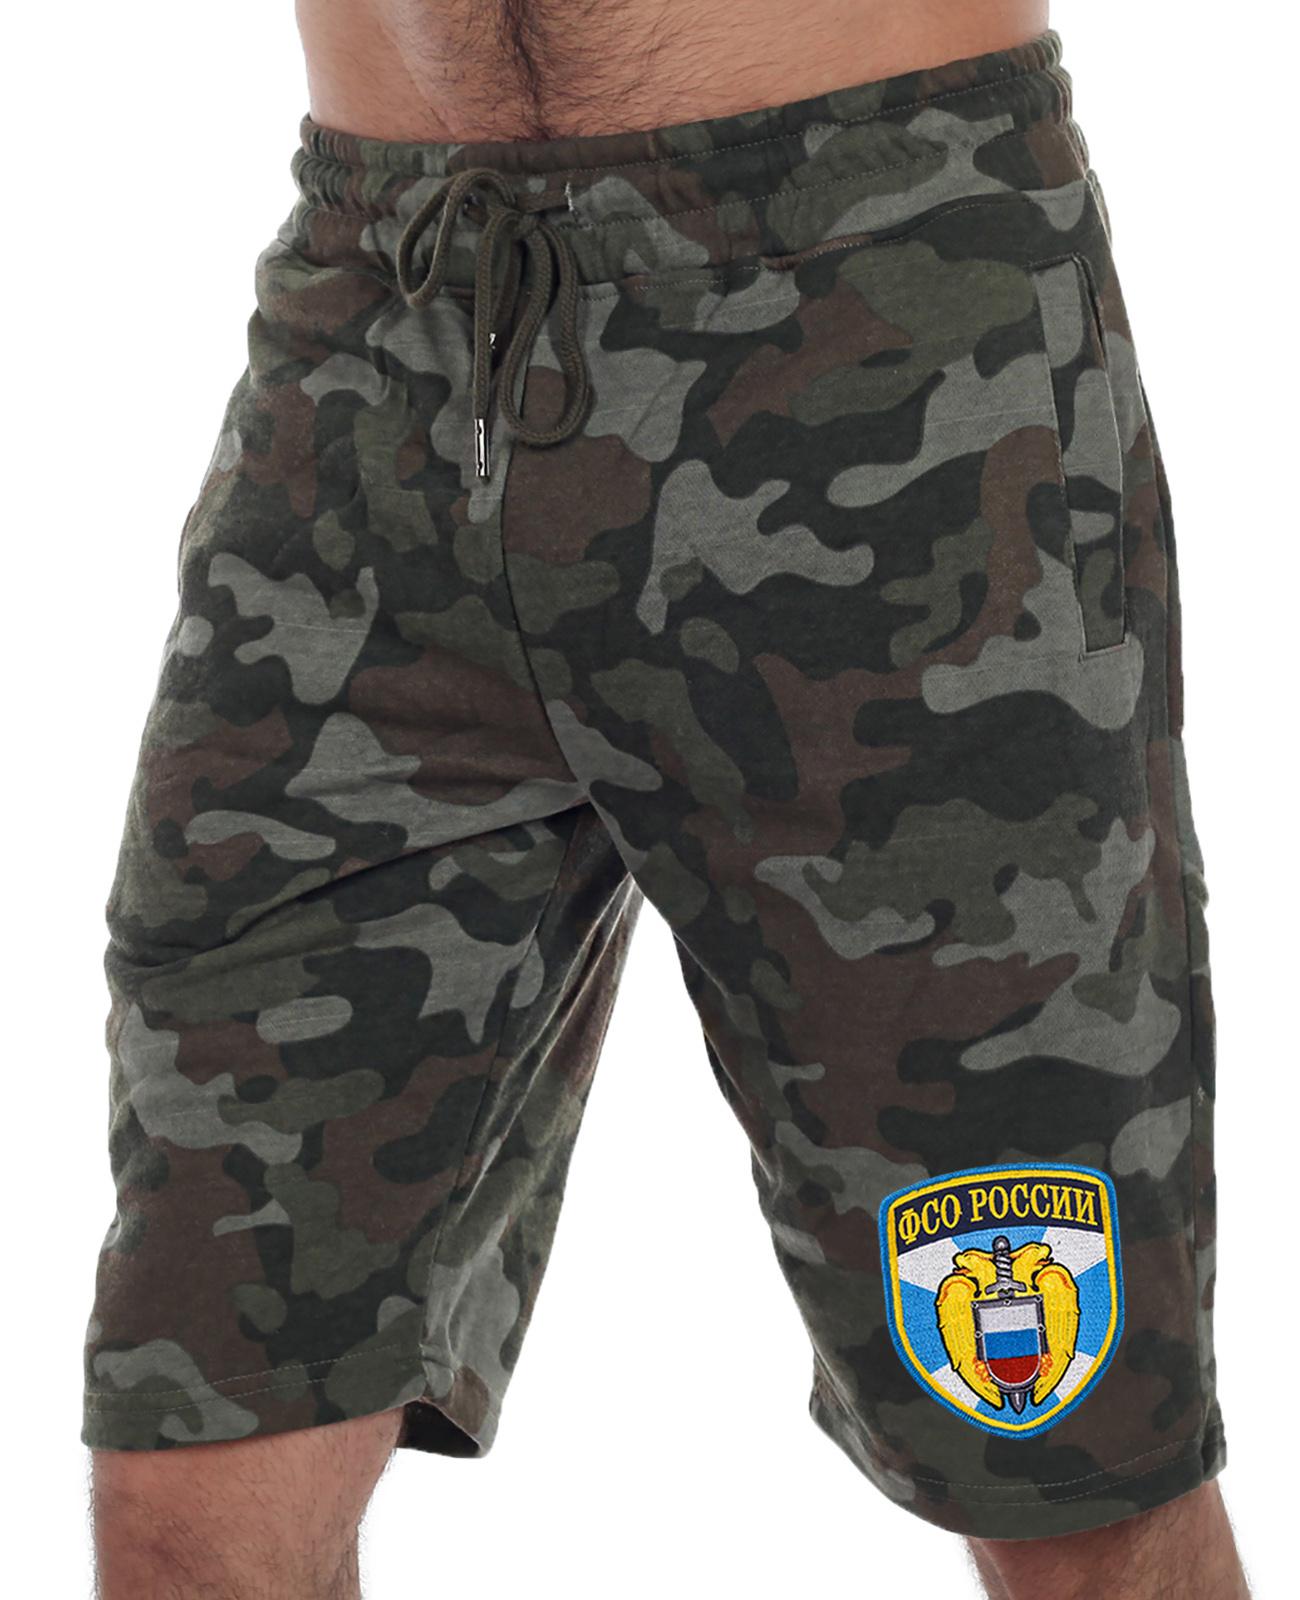 Купить удобные милитари шорты с нашивкой ФСО с доставкой онлайн